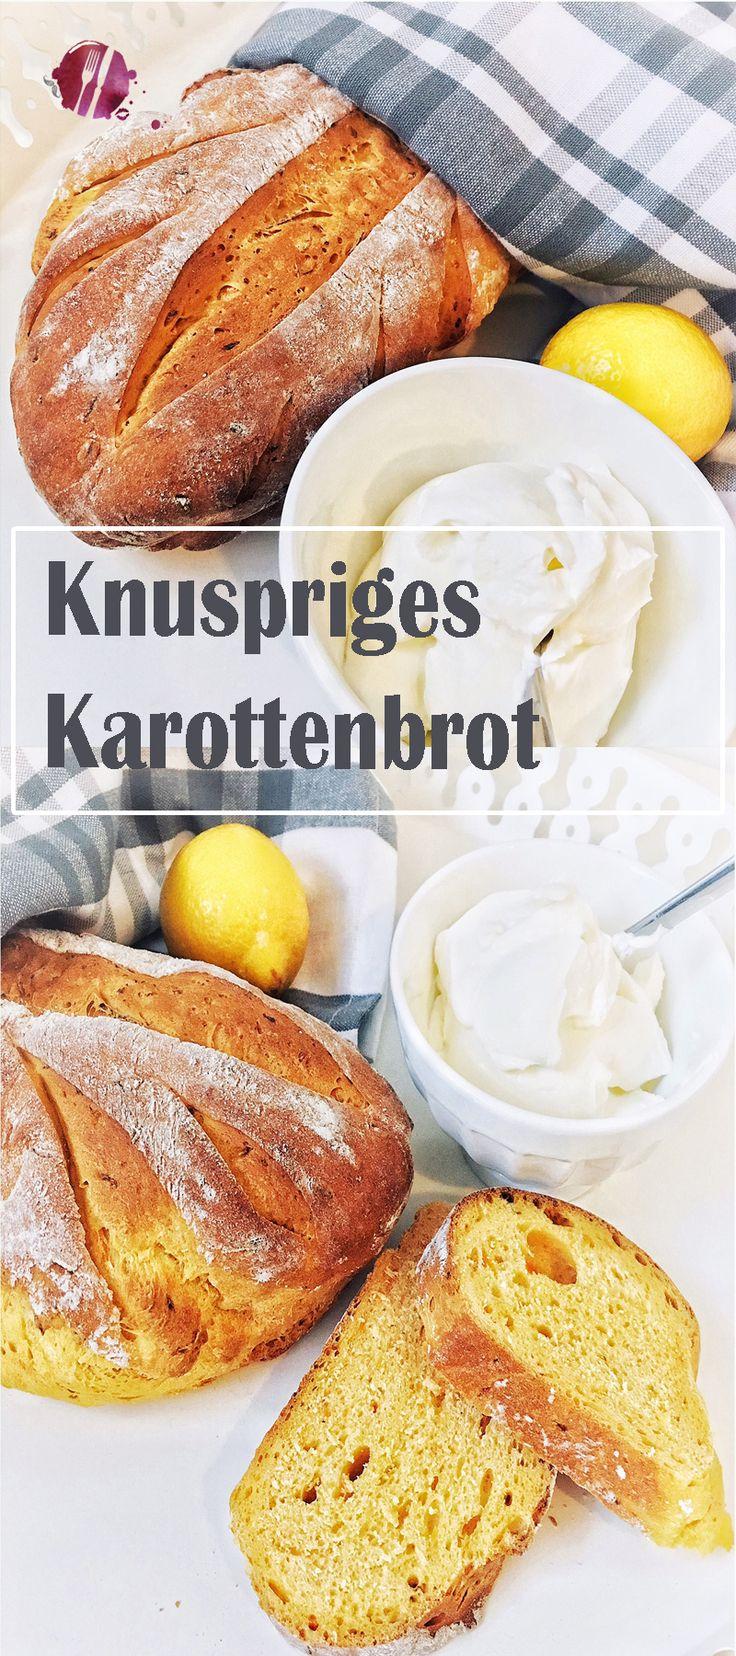 Herrlich luftig und richtig knusprig. Unser Rezept zum Karottenbrot ist sehr einfach und gelingsicher. Also los, ab in die Backstube und euer eigenes Brot backen!